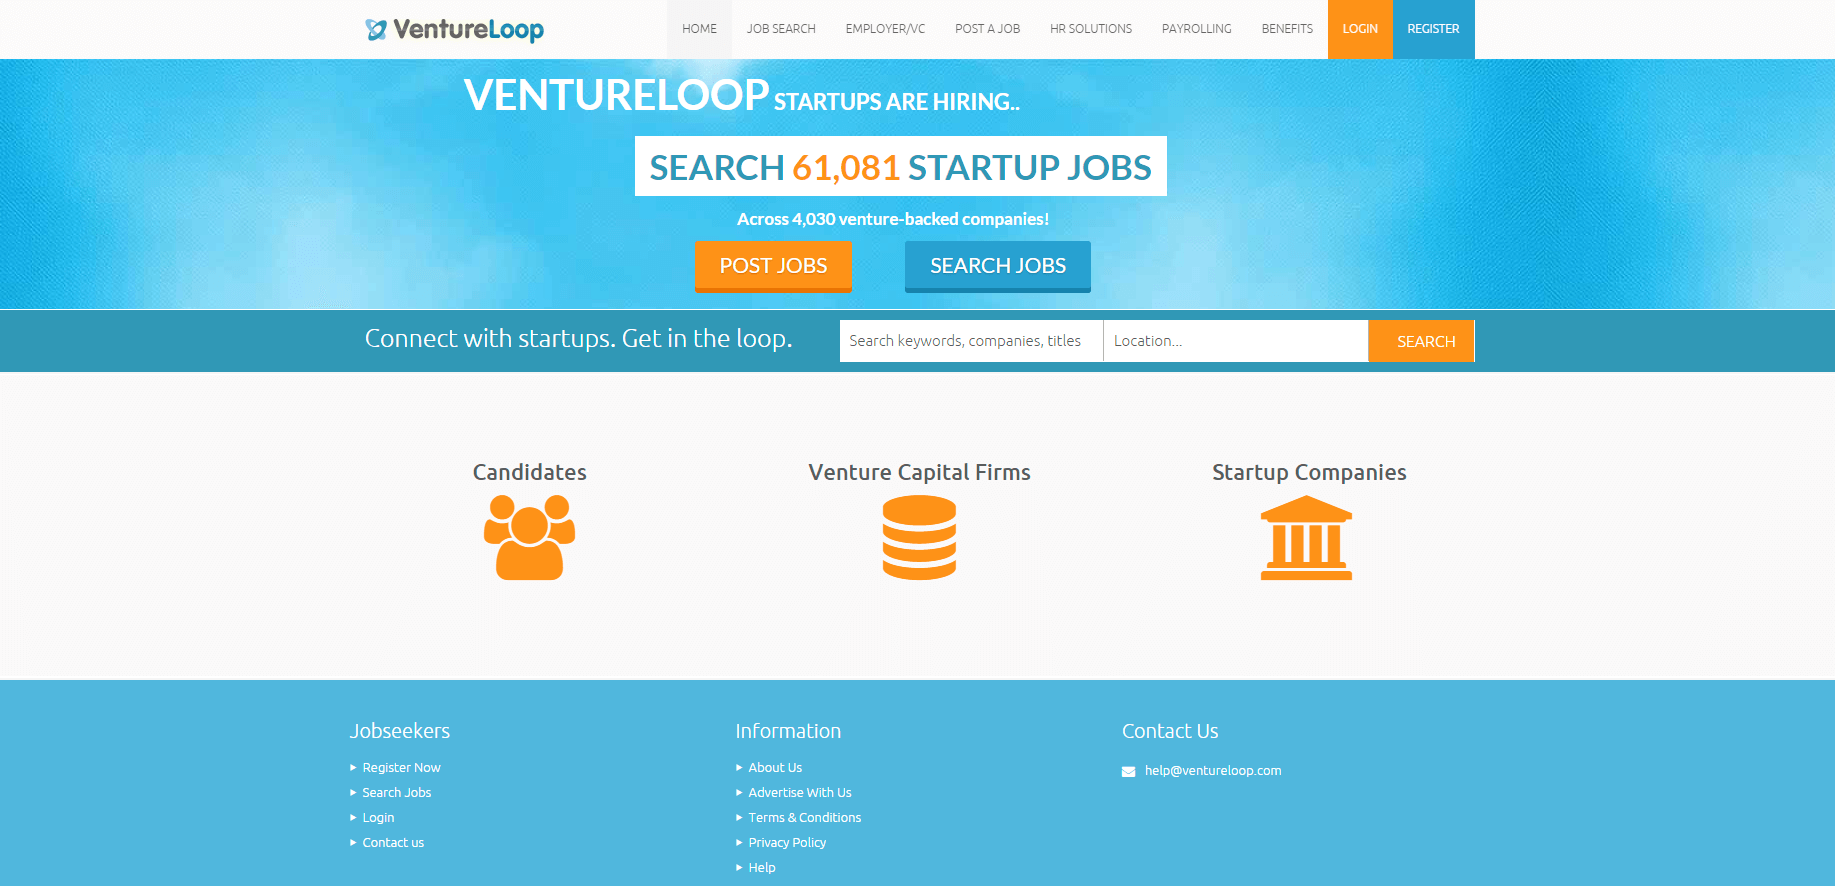 Click to go to VentureLoop.com